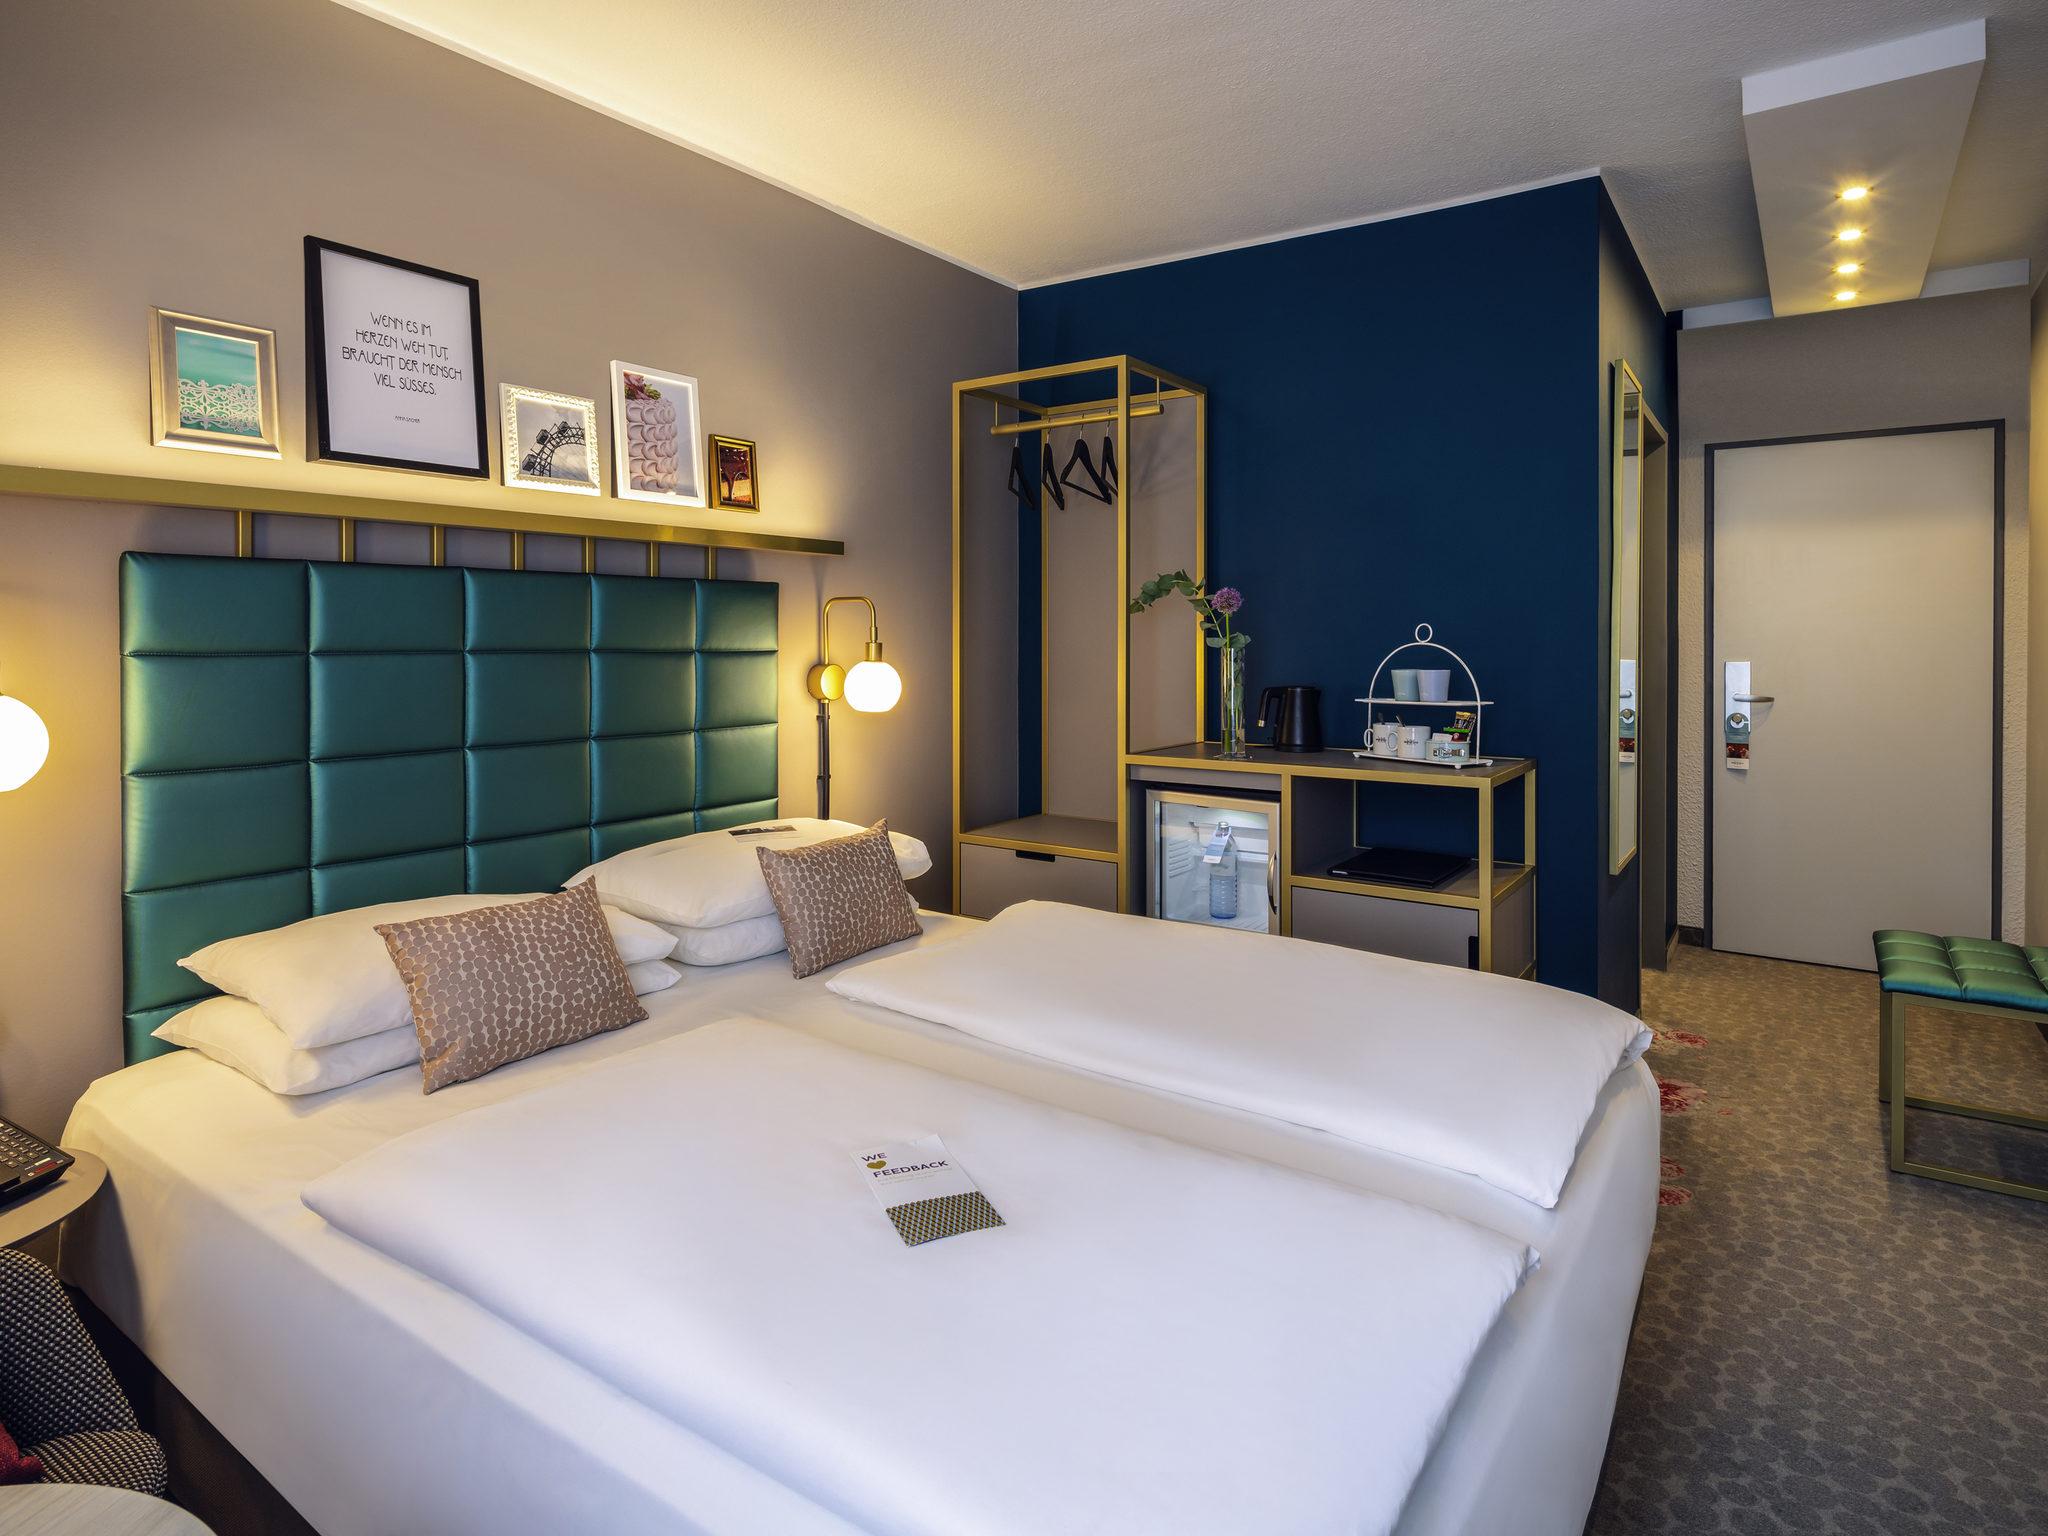 Mercure Wien Zentrum central hotel Vienna 1010